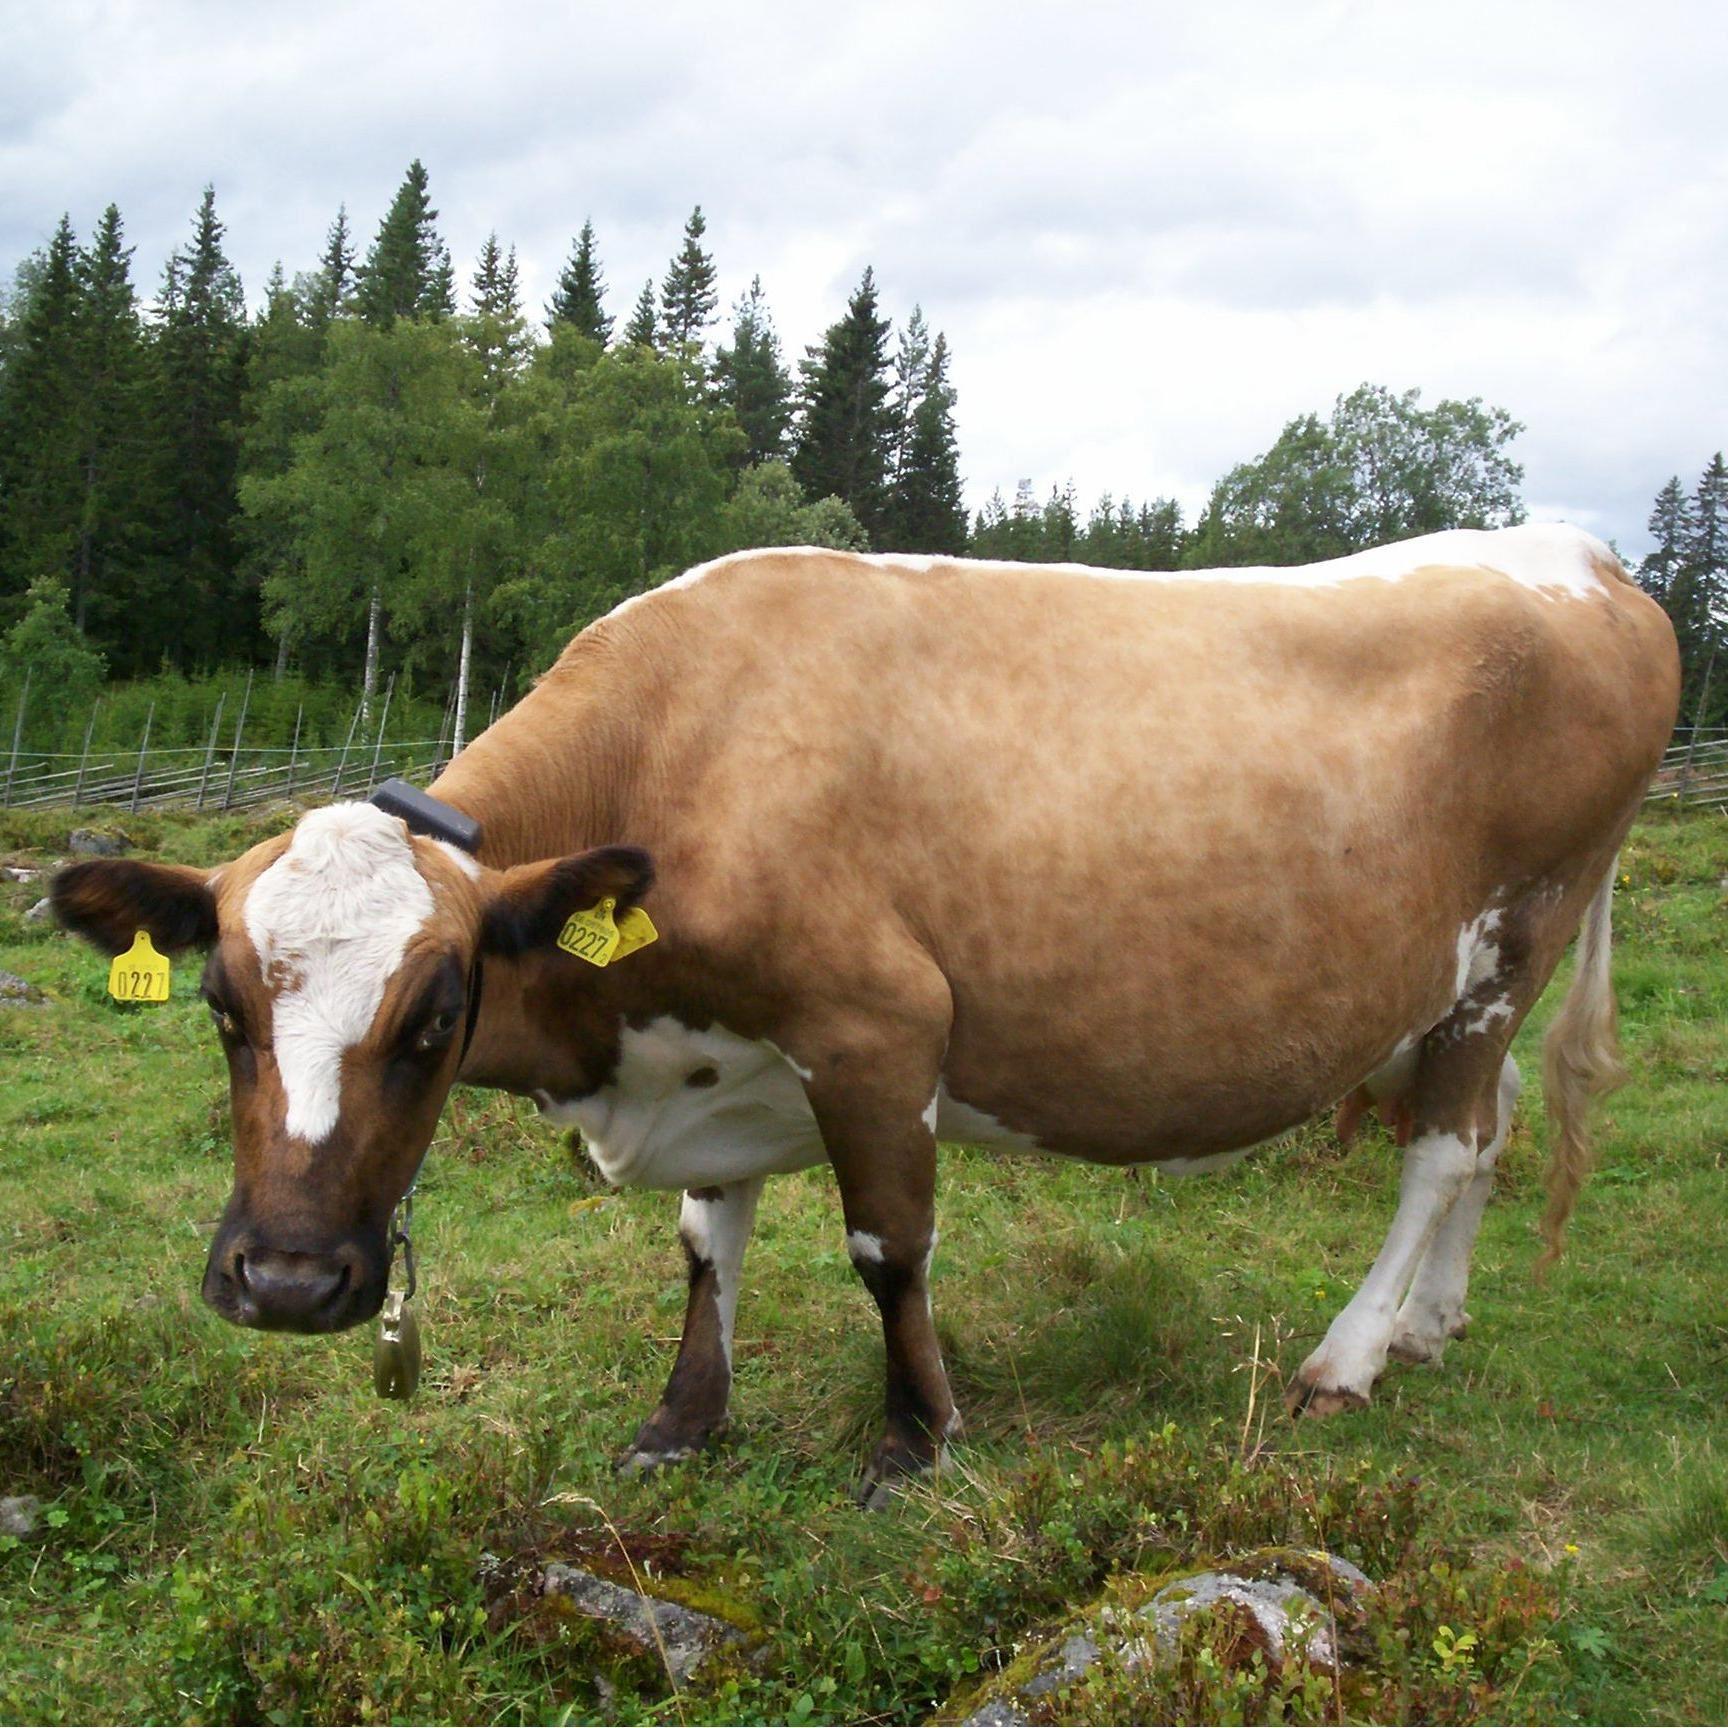 Ko på Ärteråsens Fäbodar, Furudal, Rättvik